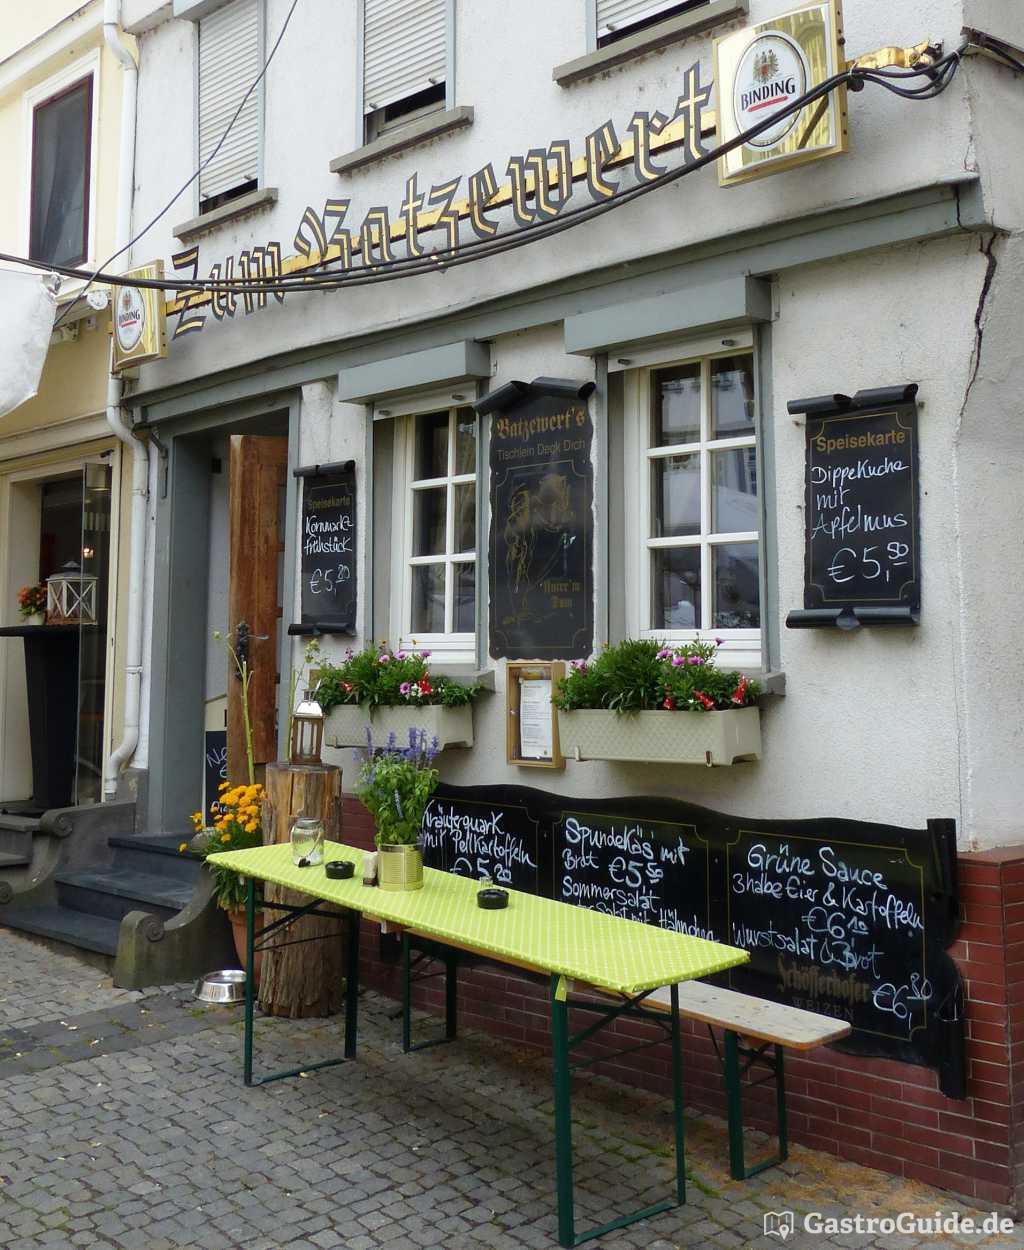 gastst tte batzewert restaurant in 65549 limburg an der lahn. Black Bedroom Furniture Sets. Home Design Ideas